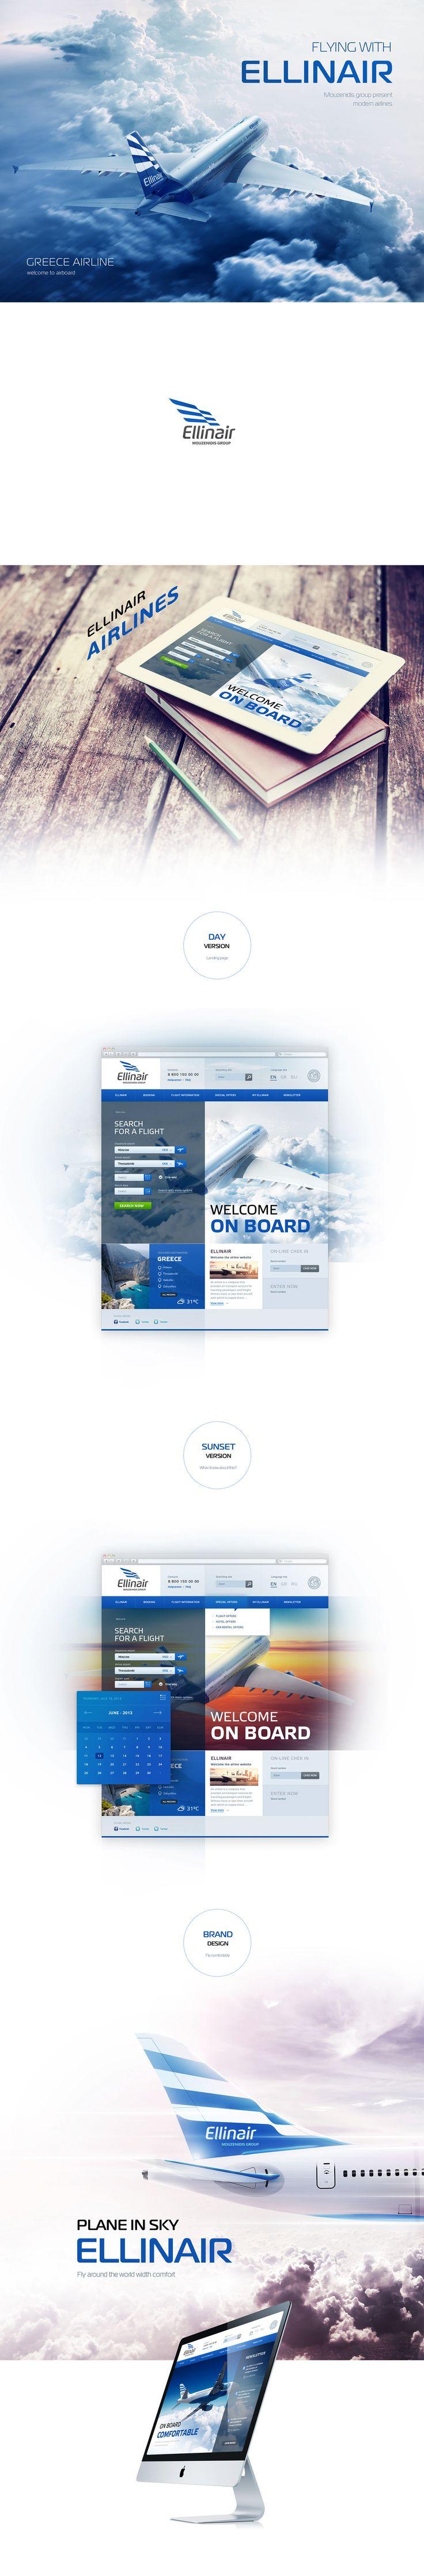 Ellinair Airlines on Behance